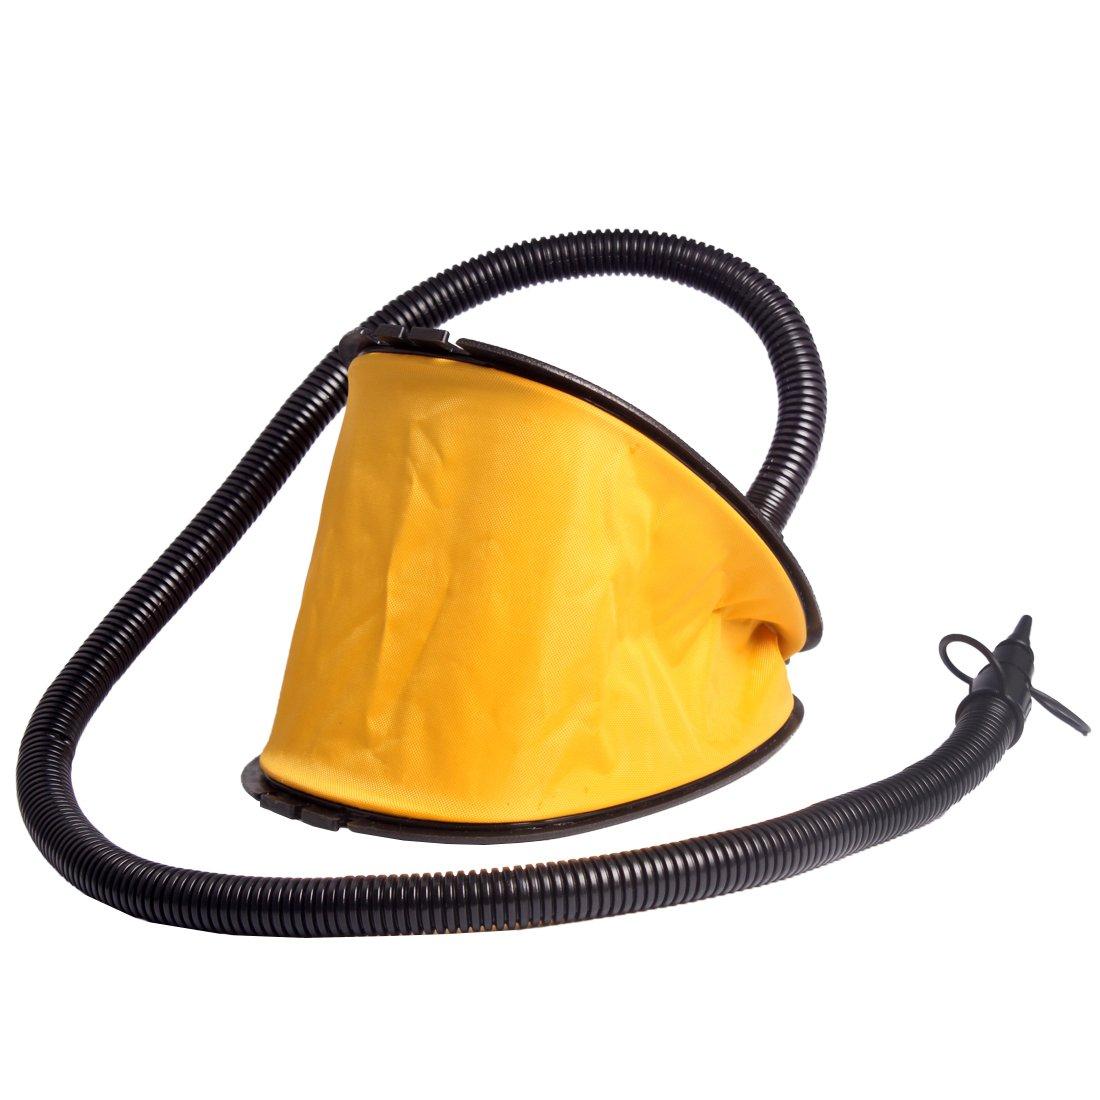 正式的 Andux足インフレータブルポンプベローズ足ポンプペダルInflator Available AmericanバルブInflate B01HI22Q2C & Deflate Available jtb-01 jtb-01 B01HI22Q2C, さかつう:88aec0f2 --- crisscross.co.in